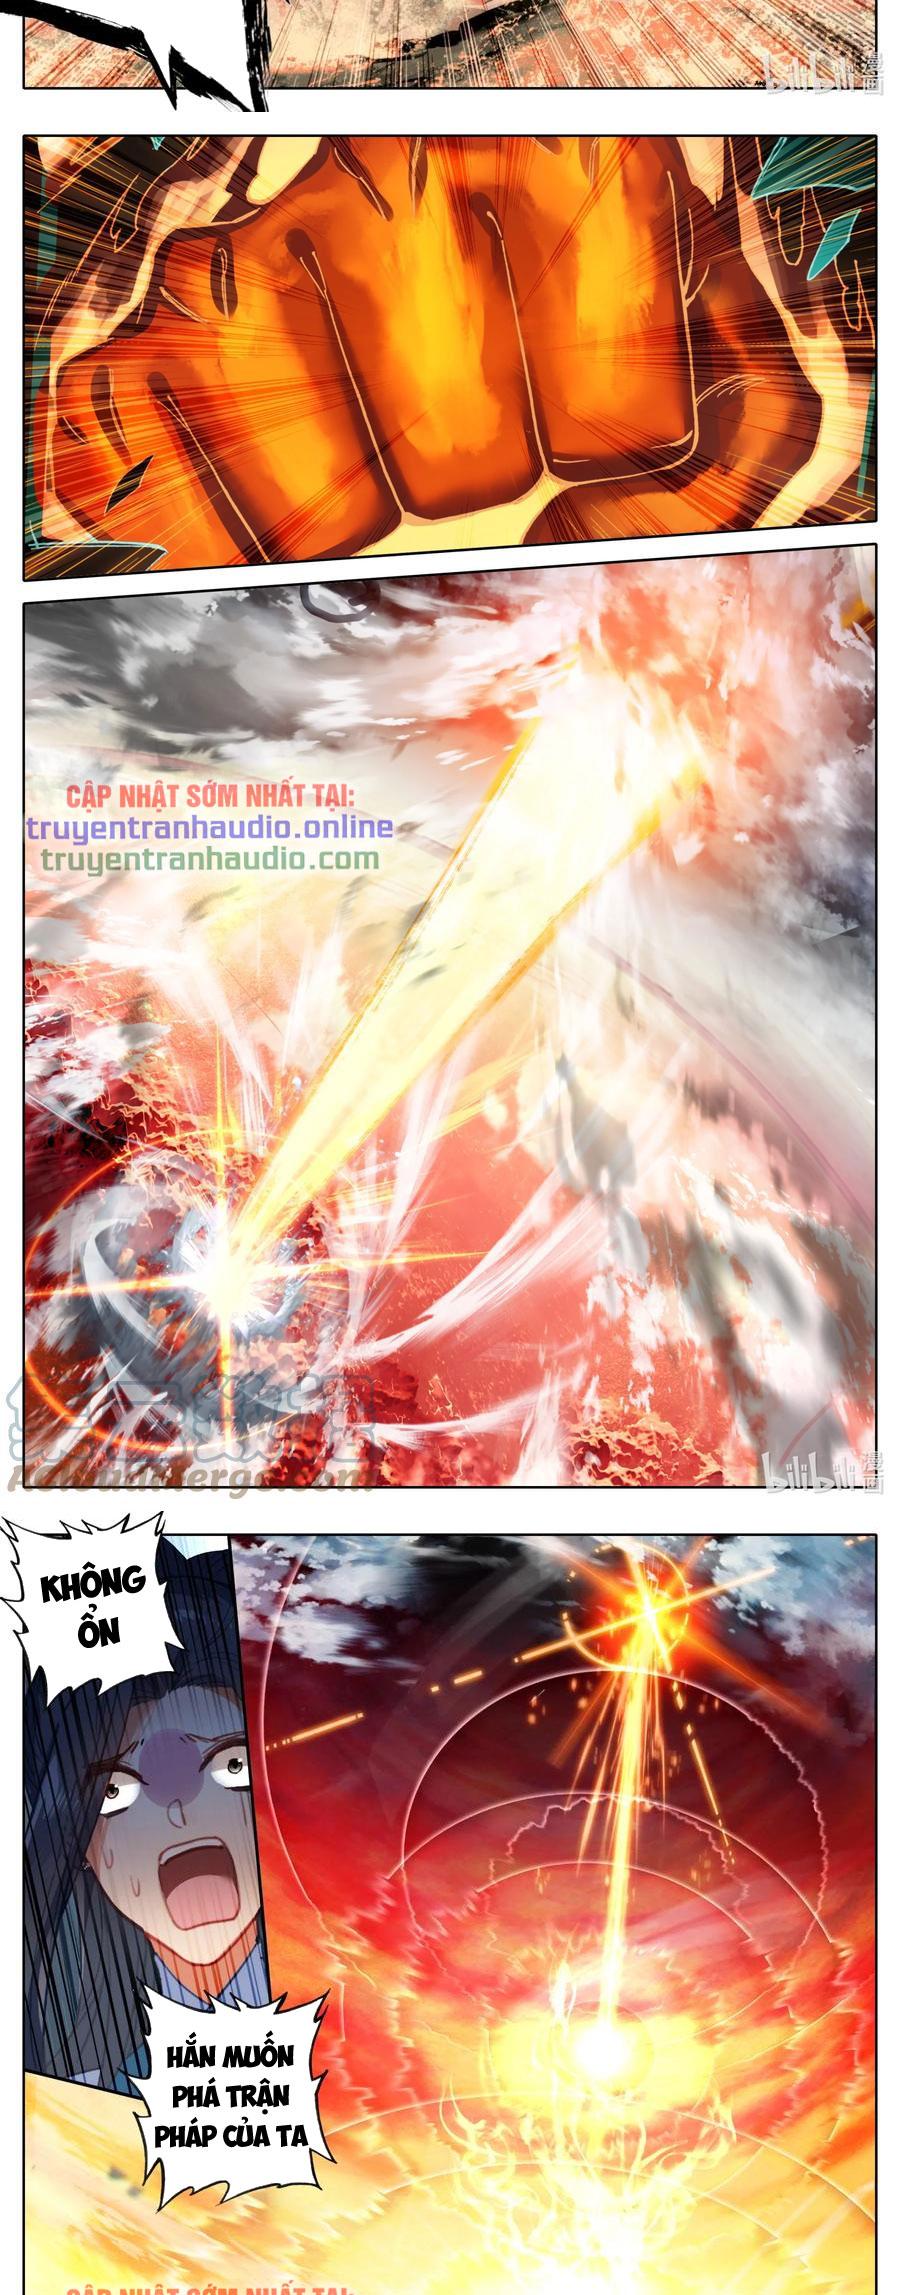 Phàm Nhân Tu Tiên chi Tiên Giới thiên Chương 104 - Vcomic.net